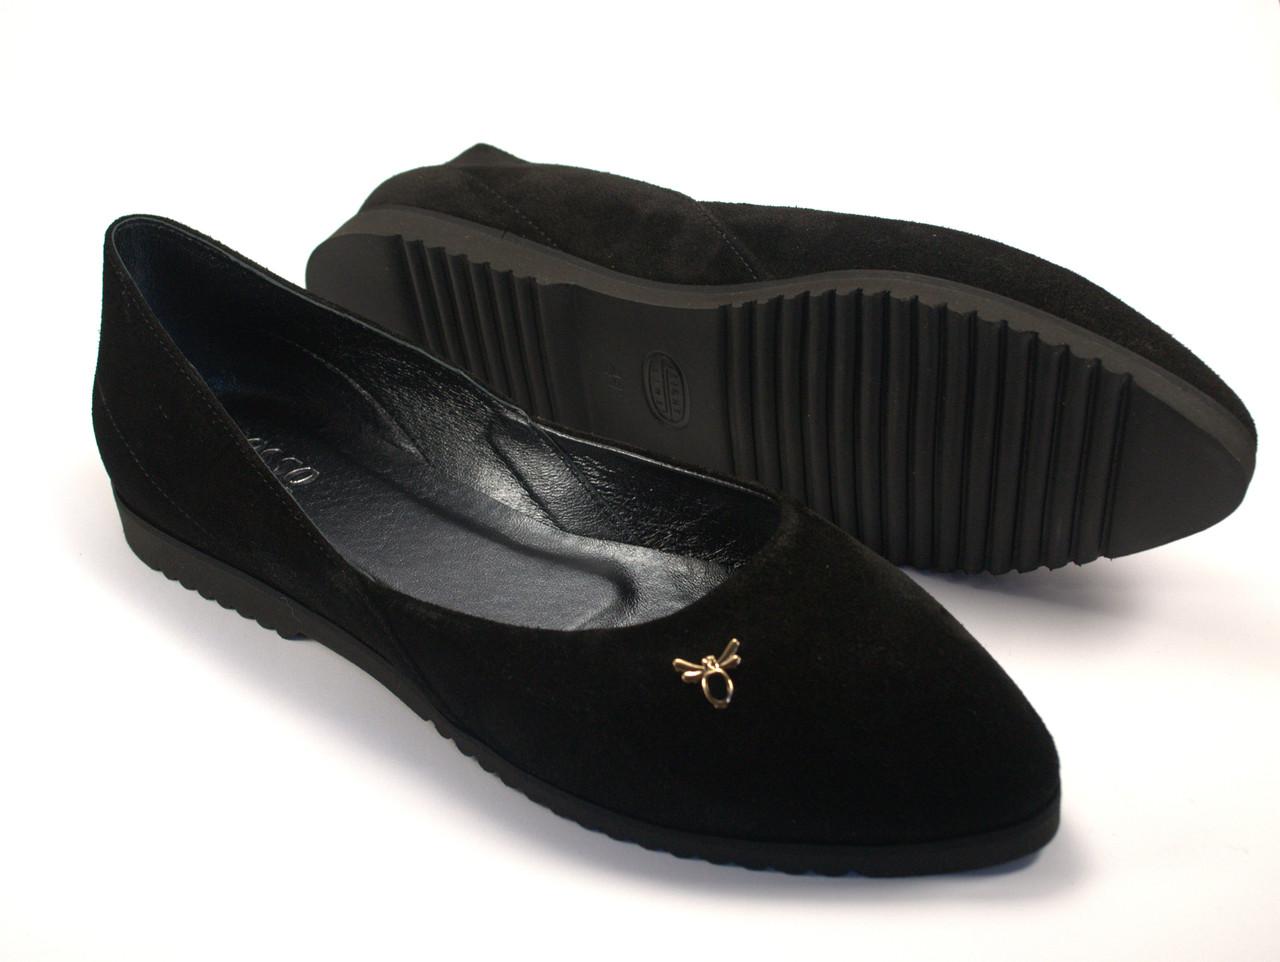 Балетки женские большого размера замшевые Scarab V Gold Black Vel by Rosso Avangard BS цвет черный